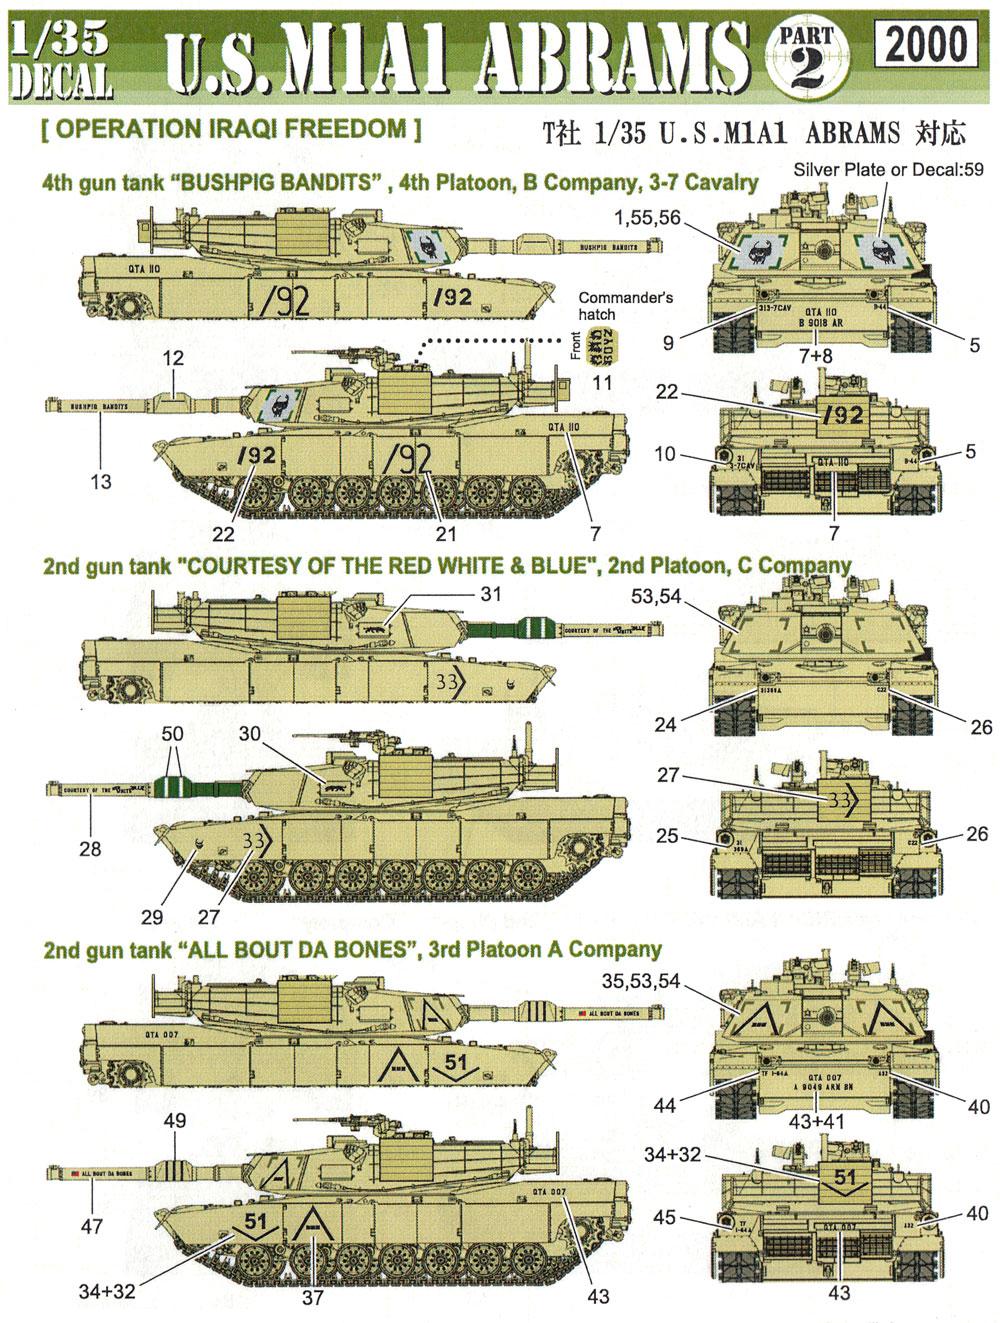 アメリカ M1A1戦車 エイブラムス デカール 2デカール(フォックスモデル (FOX MODELS)AFVデカールNo.D035021)商品画像_1